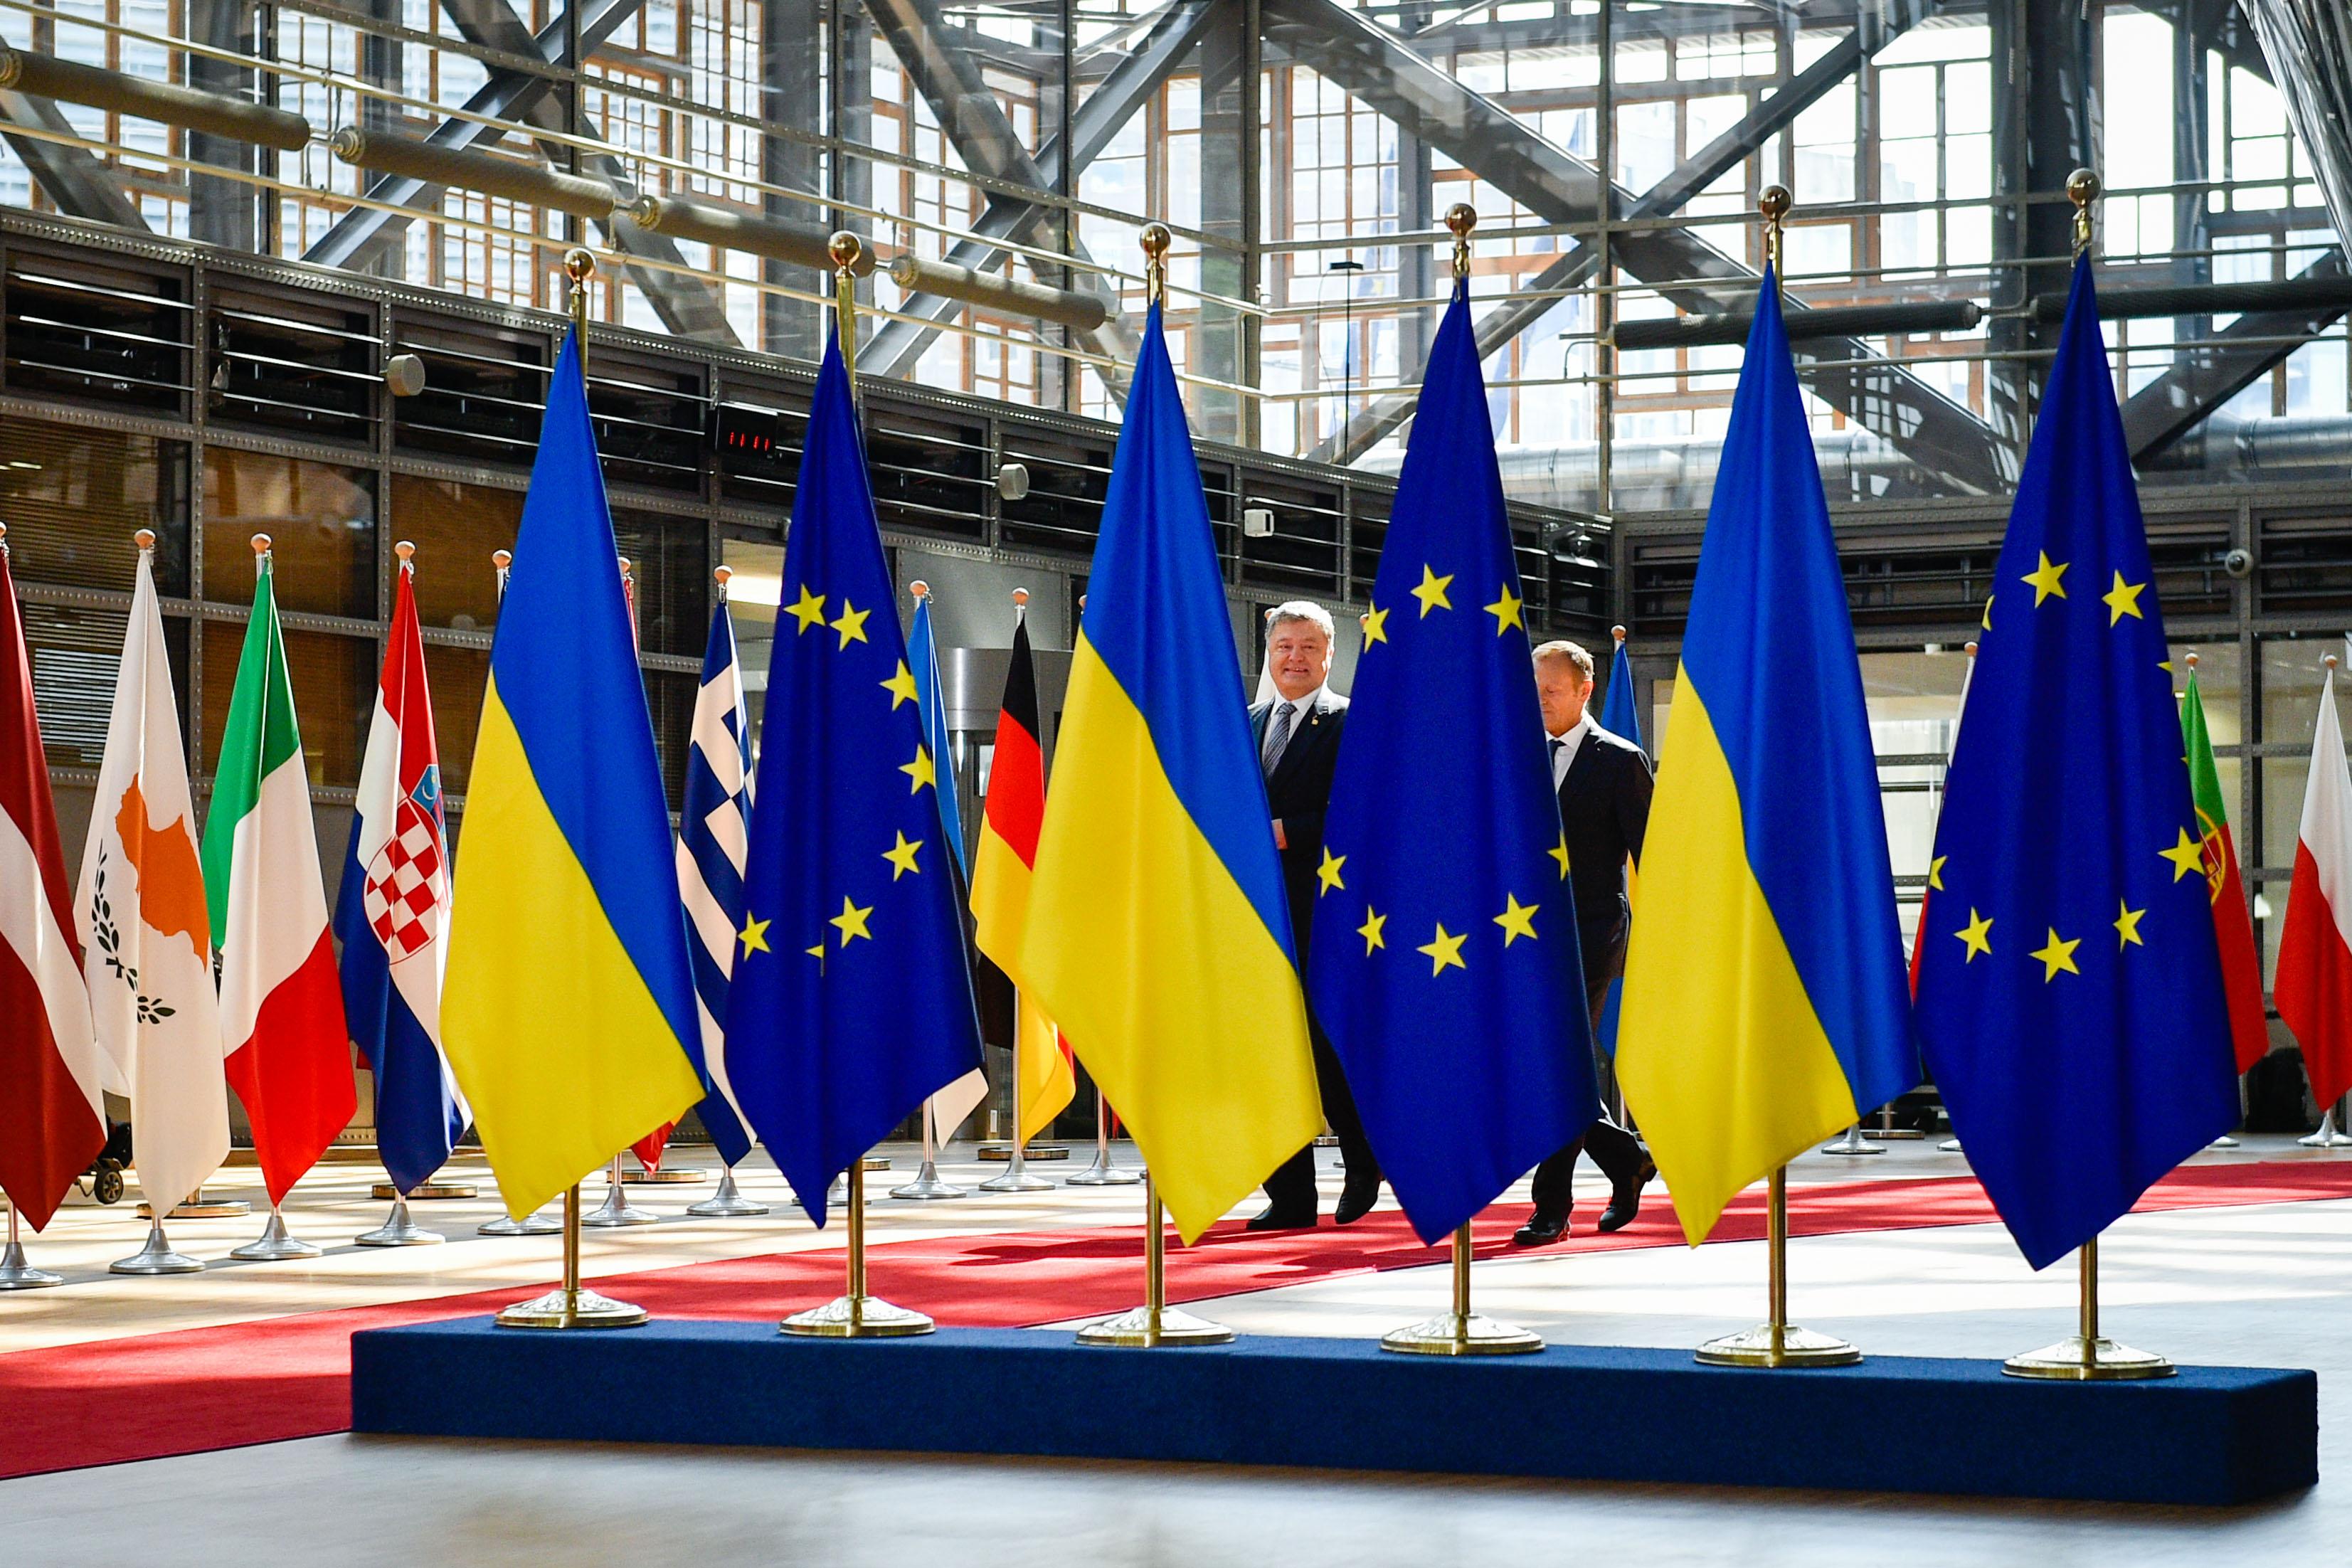 Поездка президента Украины в Брюссель / Источник: http://www.president.gov.ua